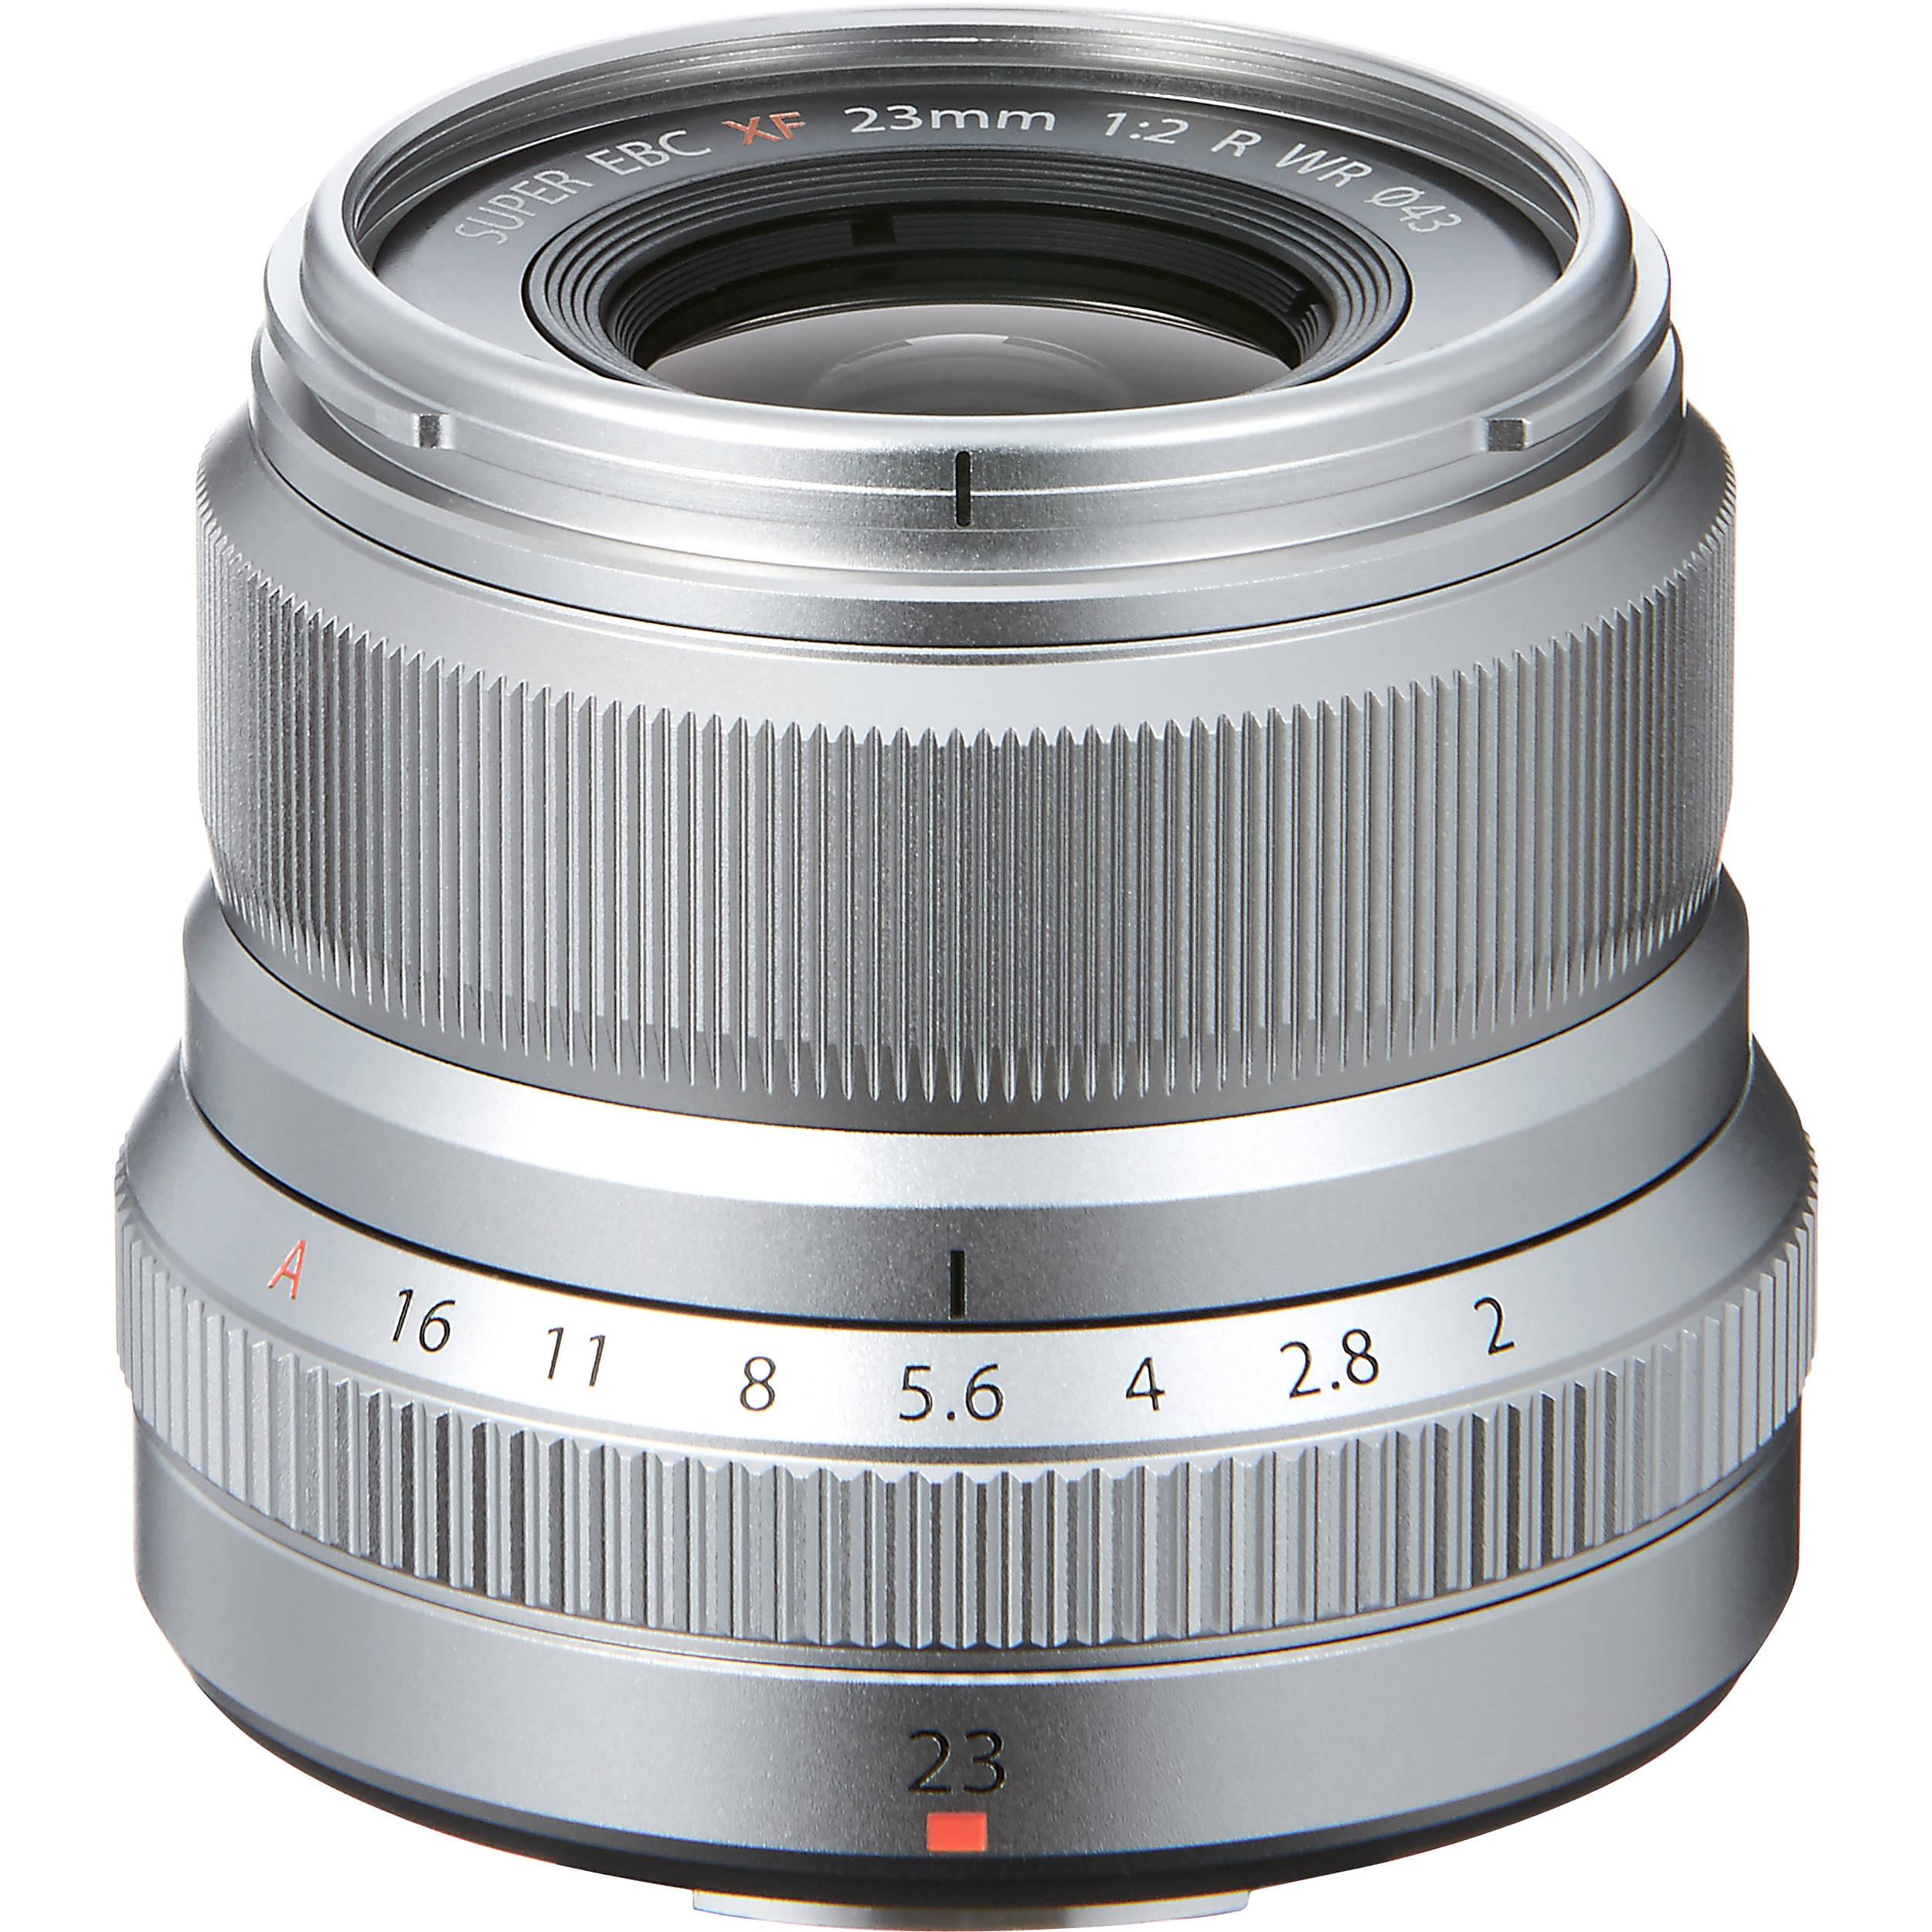 Förträfflig Fujifilm-optik